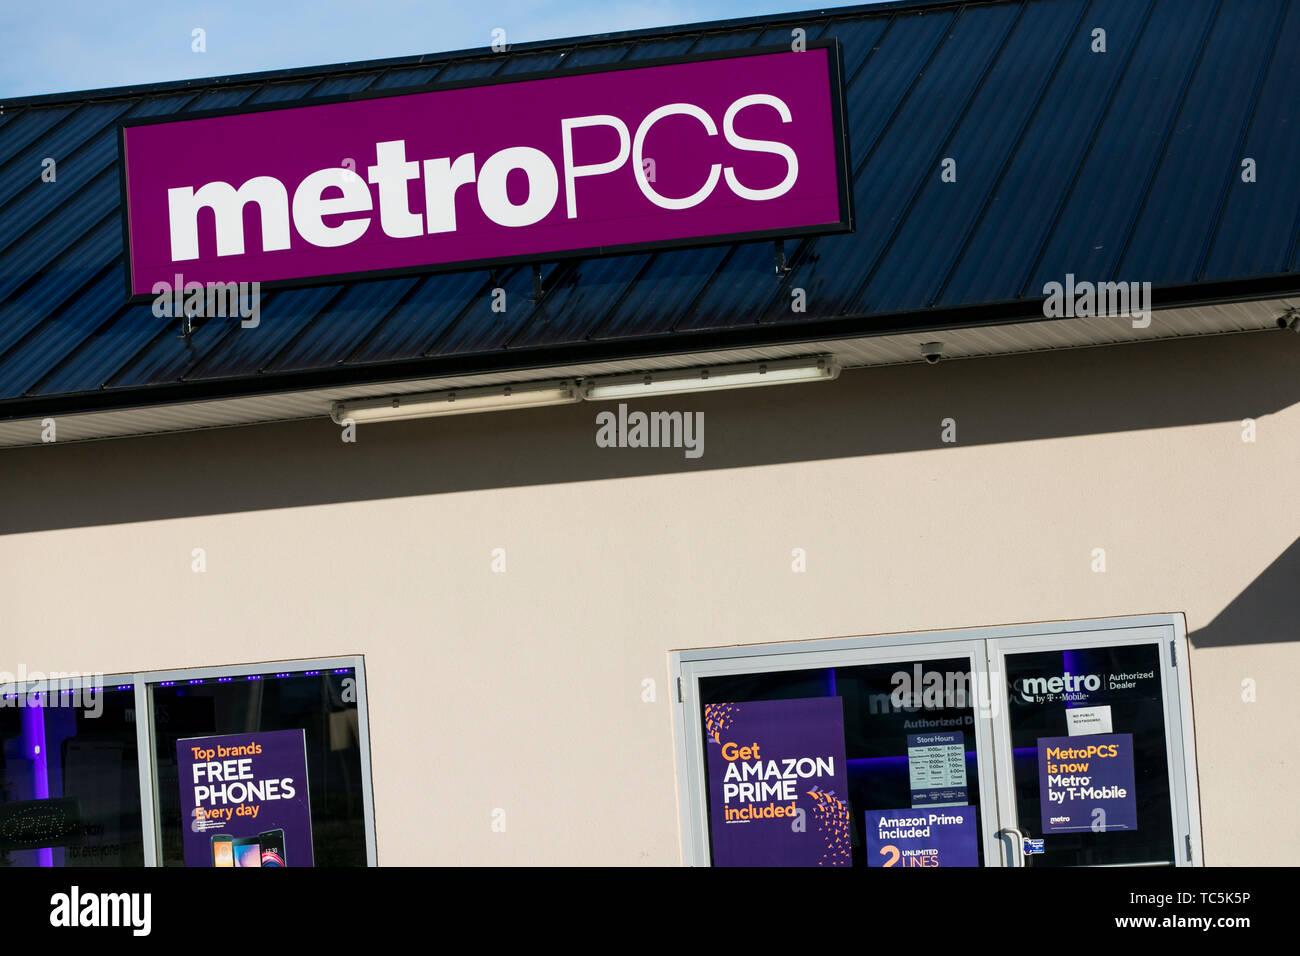 Metropcs Stock Photos & Metropcs Stock Images - Alamy